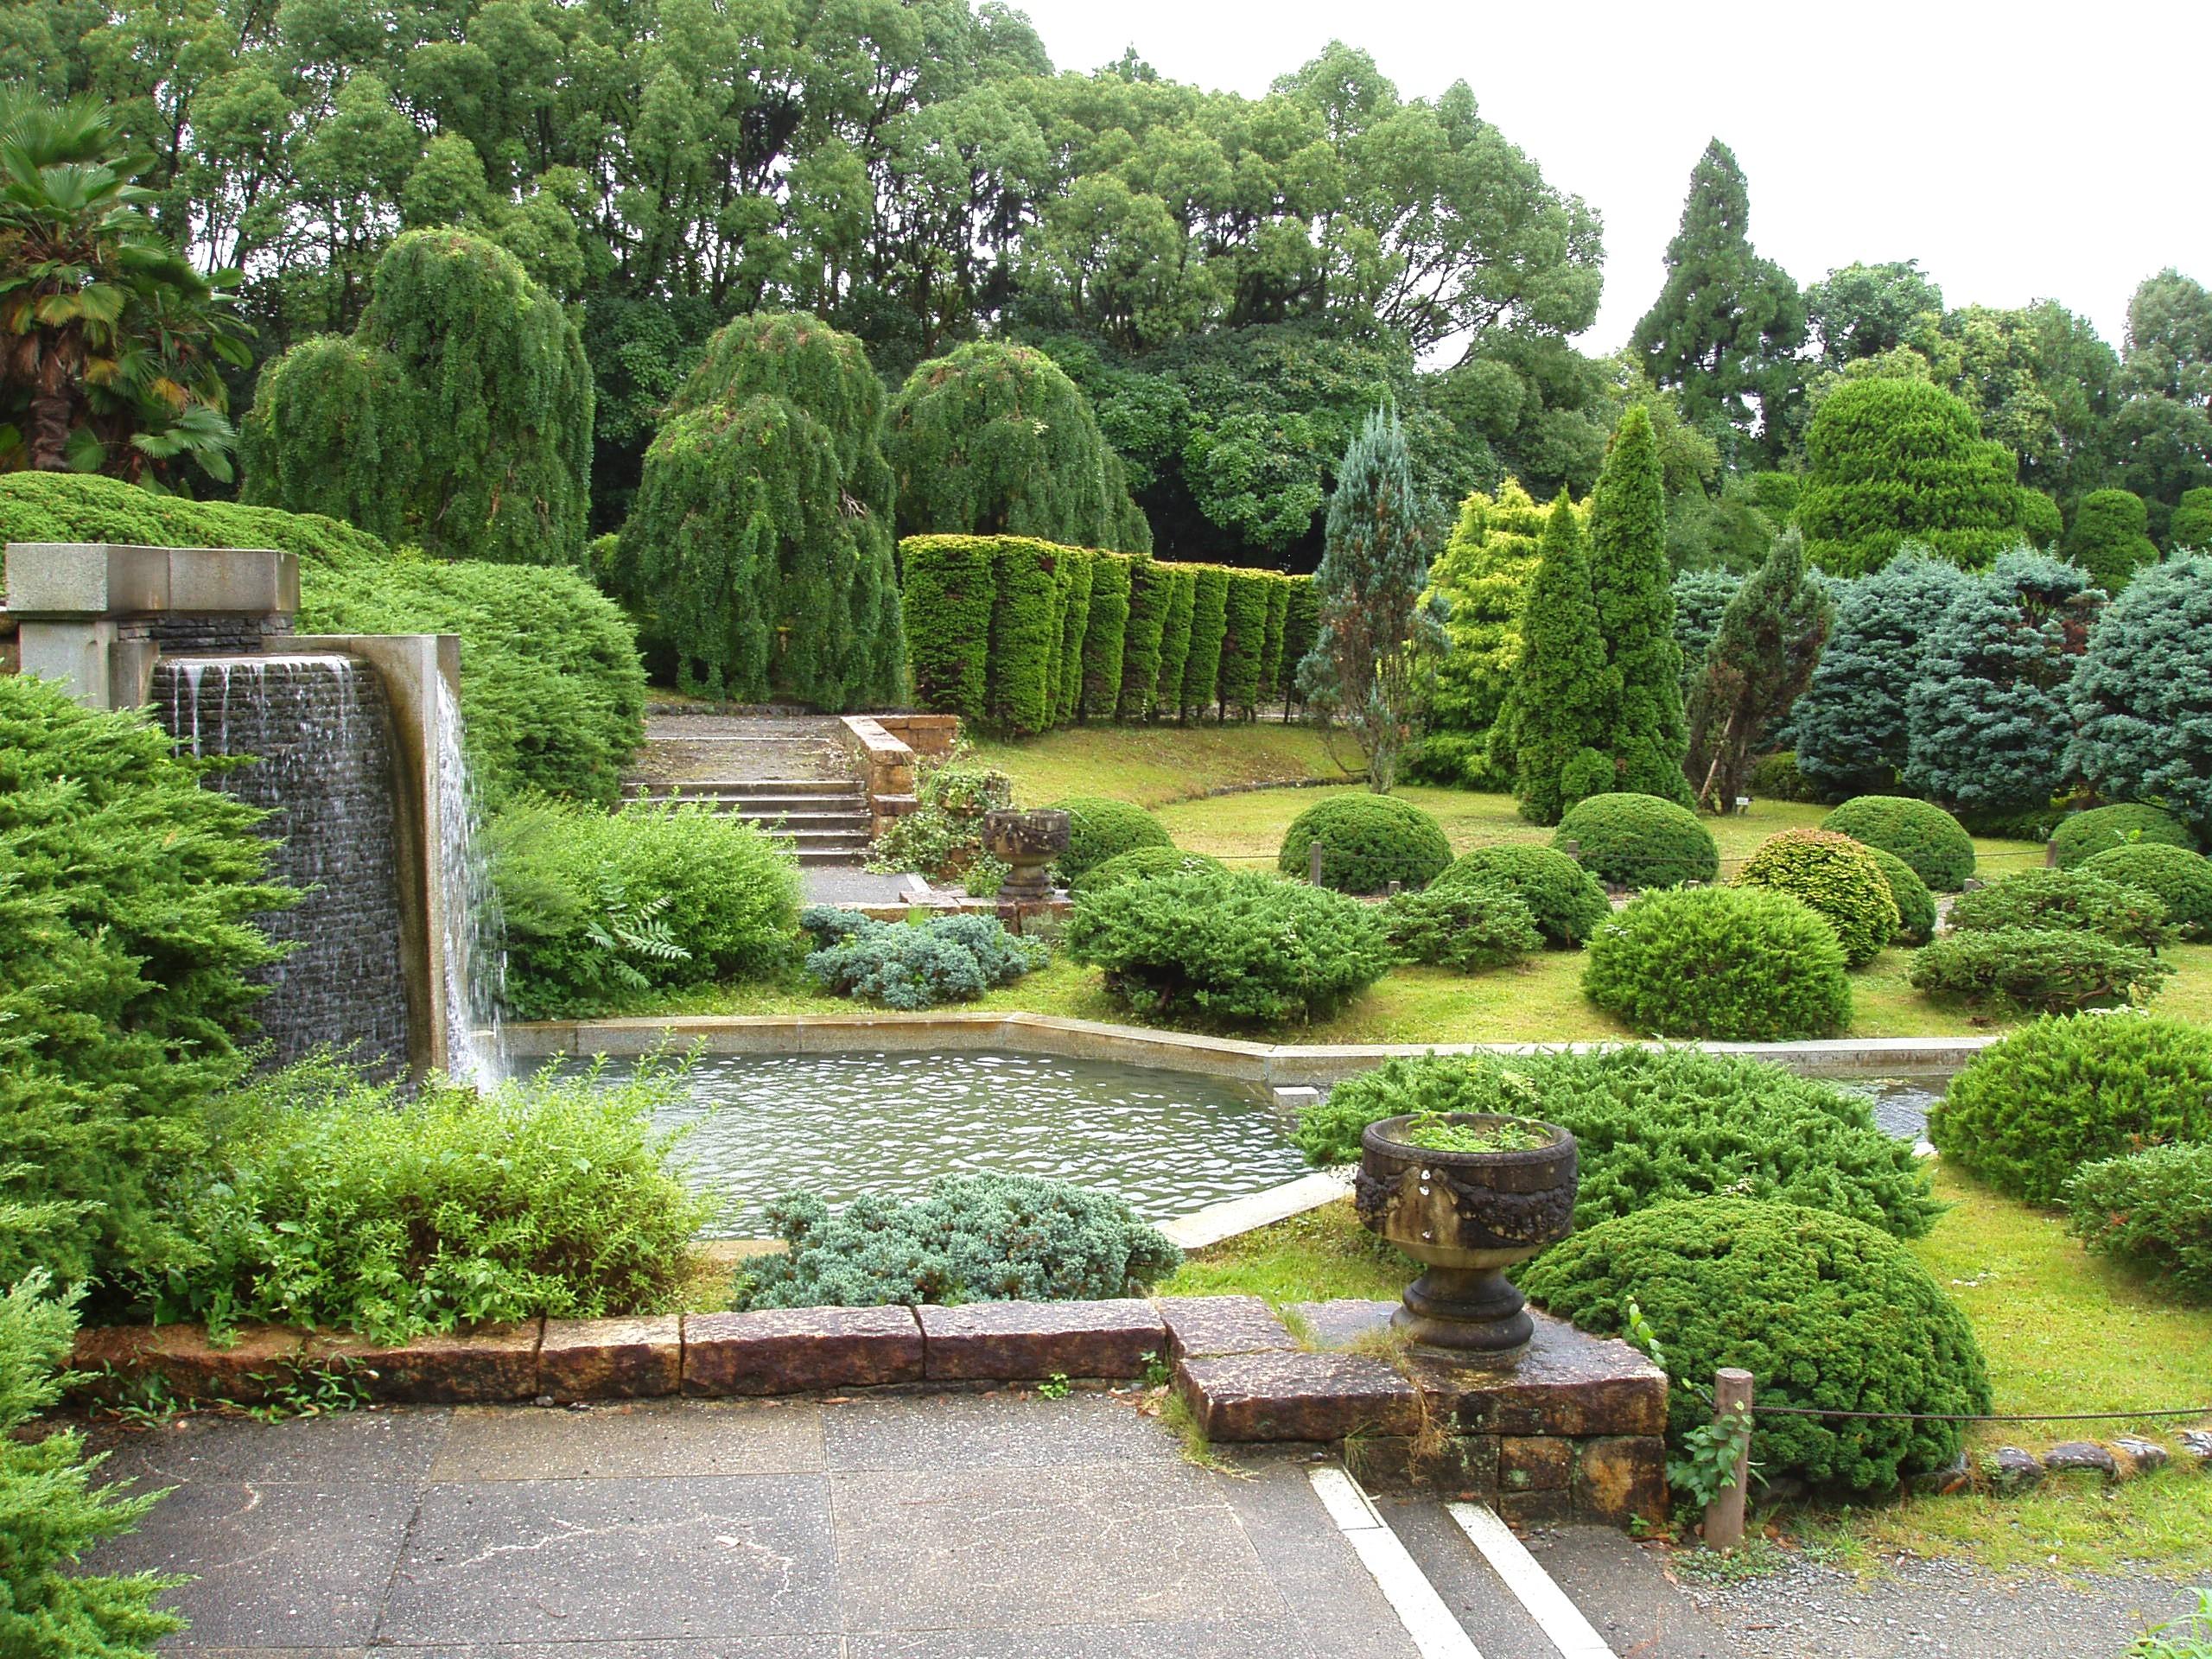 Archivo kyoto botanical garden sunken garden jpg - Architettura esterni giardini ...